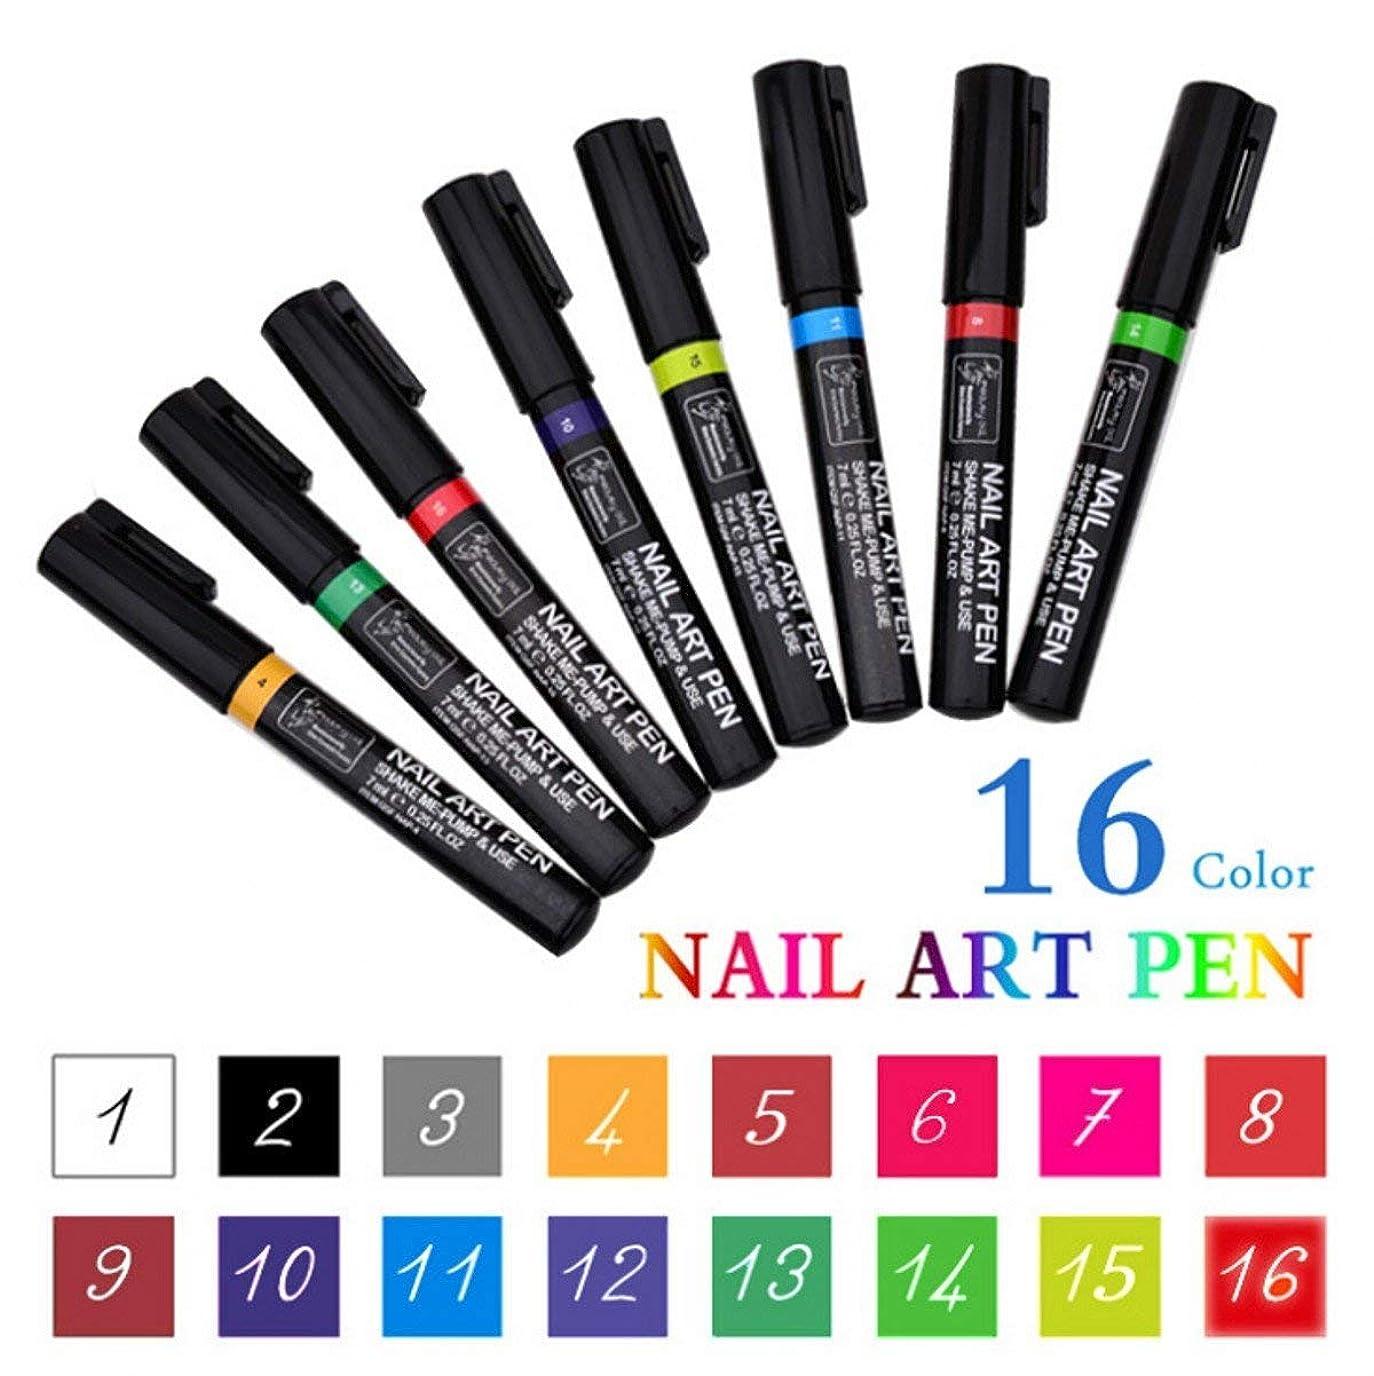 美徳発明レオナルドダWellieSTR 16色セットネイルアートペン絵画デザインツールデッサンのためのuvジェルポリッシュマニキュア - あなた自身のカスタムネイルアートを作成する